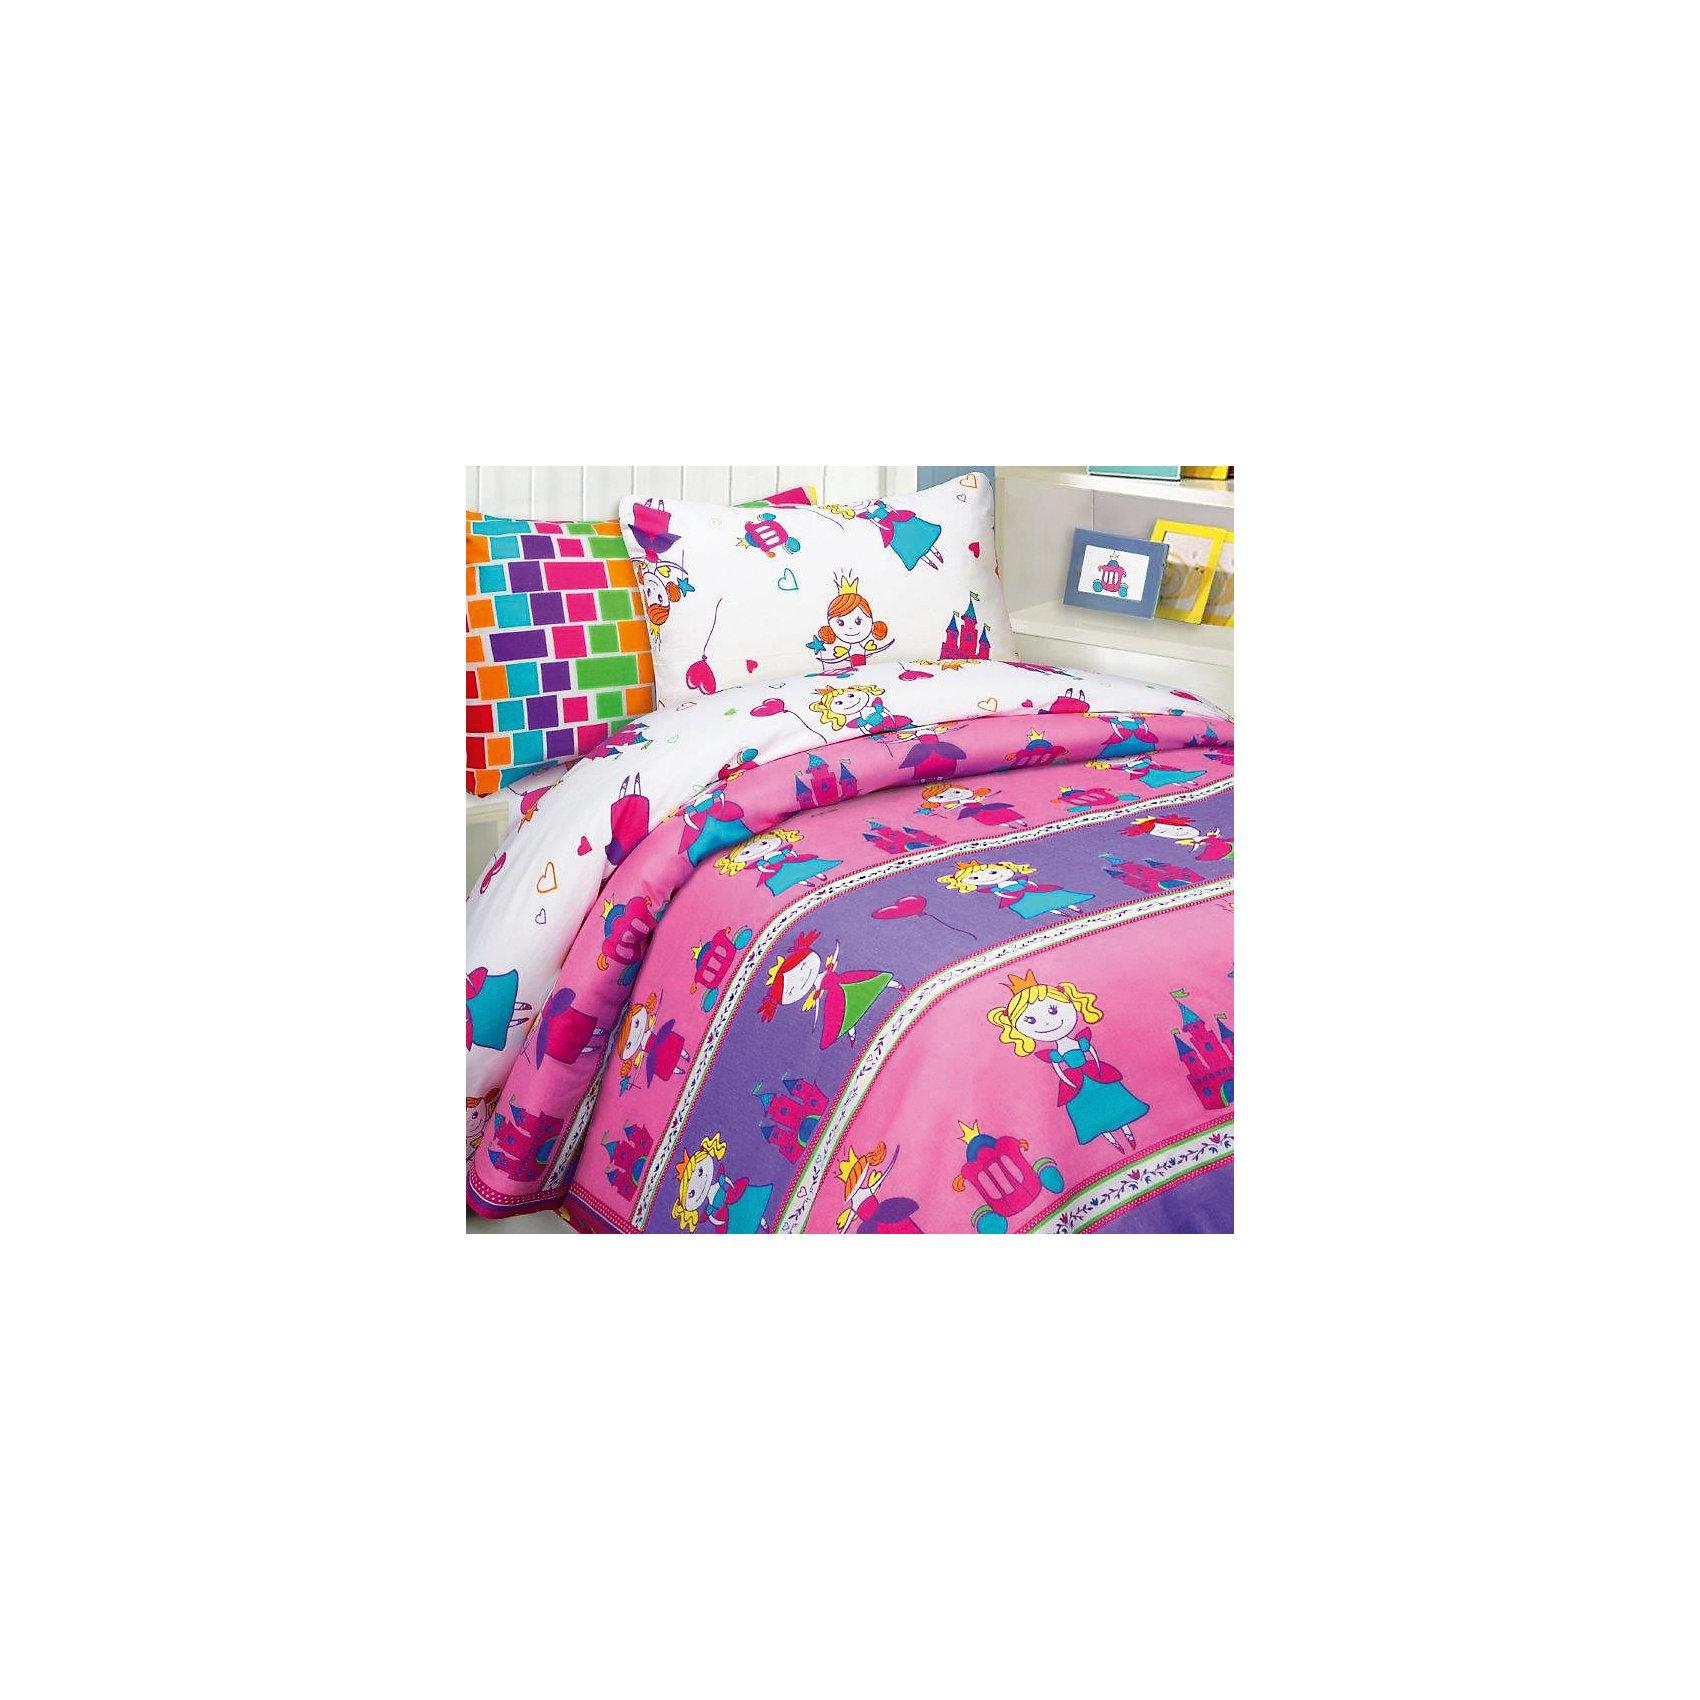 Постельное белье Принцессы, 1,5-спальный, 70*70 и 50*70 бязь, Mona LizaДомашний текстиль<br>Характеристики:<br><br>• Вид домашнего текстиля: детское постельное белье<br>• Тип постельного белья по размерам: 1,5 сп<br>• Пол: для девочки<br>• Серия: Mona Liza Kids<br>• Сезон: круглый год<br>• Материал: бязь <br>• Цвет: розовый, фиолетовый, желтый, зеленый, белый<br>• Комплектация: <br> пододеяльник – 1 шт. 145*210 см <br> простынь – 1 шт. 150*215 см<br> наволочки – 2 шт. (50-70 см и 70*70 см)<br>• Тип упаковки: книжка картонная<br>• Вес в упаковке: 2 кг 300 г<br>• Особенности ухода: машинная стирка при температуре 30 градусов<br><br>Постельное белье 1,5сп Принцессы 70*70 и 50*70 бязь, Mona Liza изготовлено под отечественным торговым брендом, выпускающим постельное белье из натуральных тканей. Комплект выполнен из 100 % бязи, отличающейся высокими характеристиками не только прочности самого полотна, но и устойчивости окраски, которая выполняется по особой технологии. Комплектсостоит из 4-х предметов, с ярким дизайном самой любимой тематики для девочек – принцессы. <br>Постельное белье 1,5сп Принцессы 70*70 и 50*70 бязь, Mona Liza – домашний текстиль, соответствующий международным стандартам качества и безопасности!<br><br>Постельное белье 1,5сп Принцессы 70*70 и 50*70 бязь, Mona Liza можно купить в нашем интернет-магазине.<br><br>Ширина мм: 250<br>Глубина мм: 60<br>Высота мм: 330<br>Вес г: 1300<br>Возраст от месяцев: 84<br>Возраст до месяцев: 216<br>Пол: Женский<br>Возраст: Детский<br>SKU: 5165638